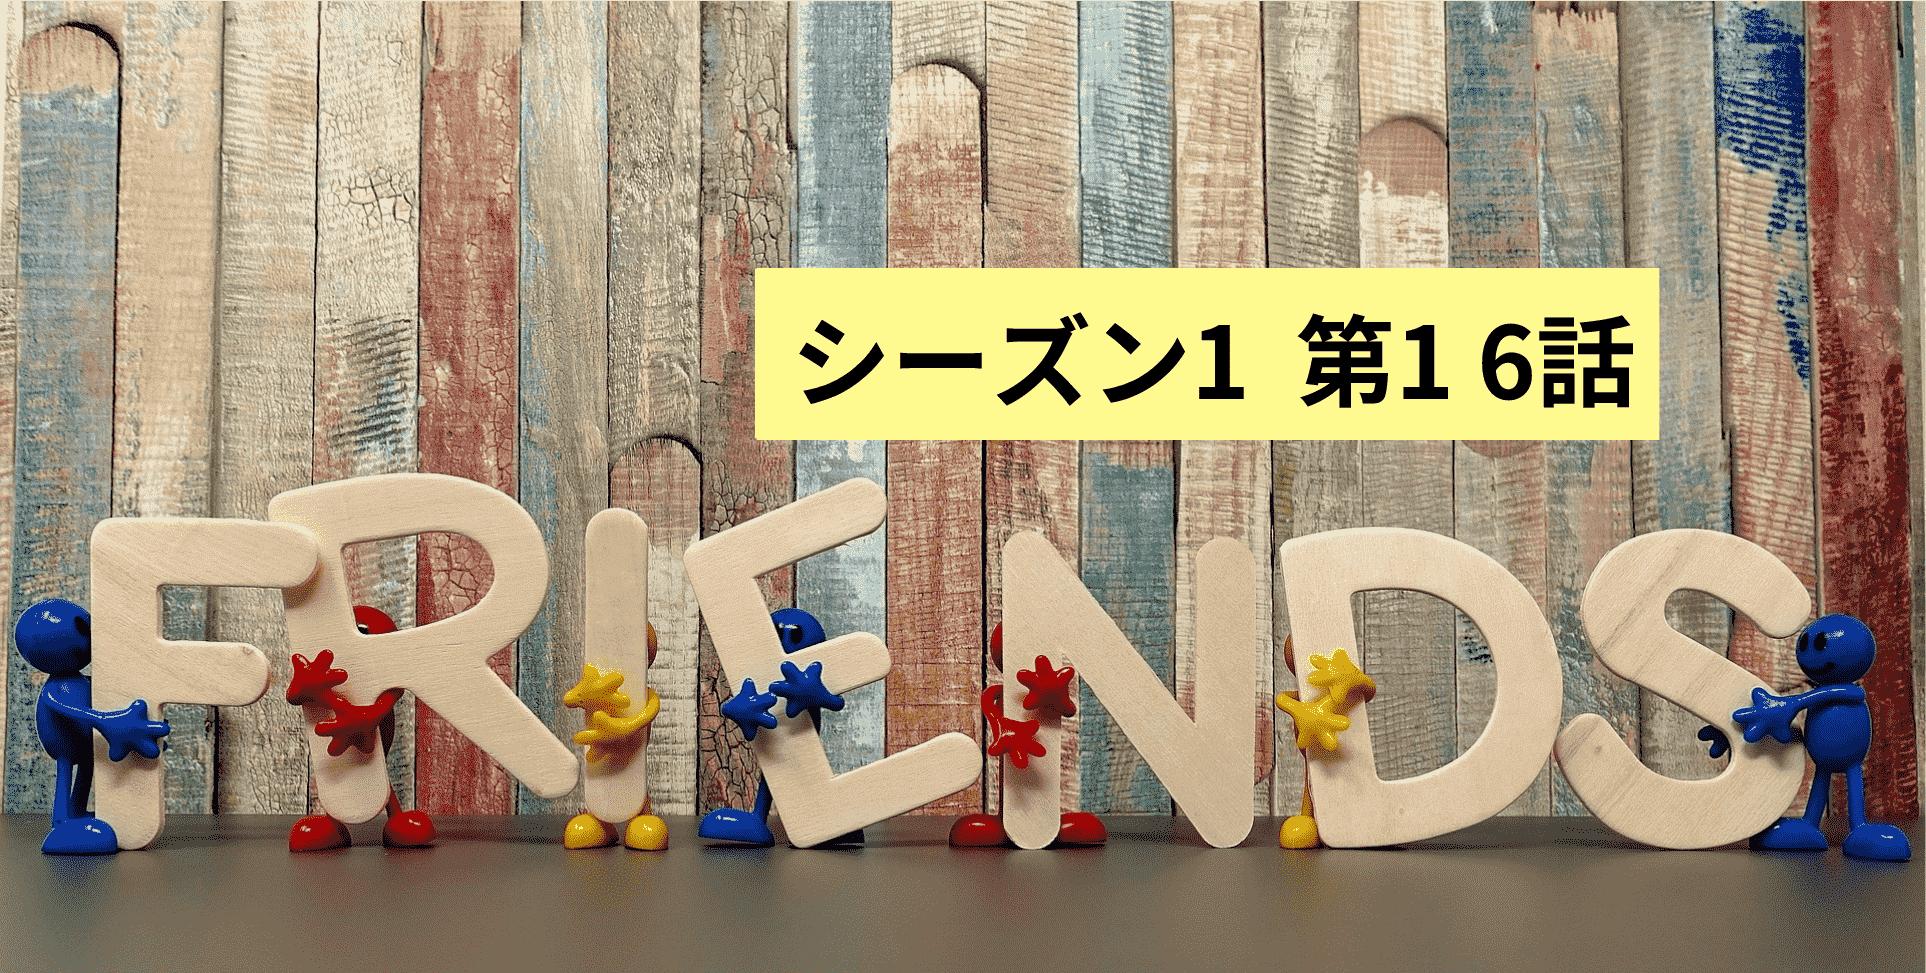 【英語でドラマフレンズ】フレンズシーズン1第16話を解説